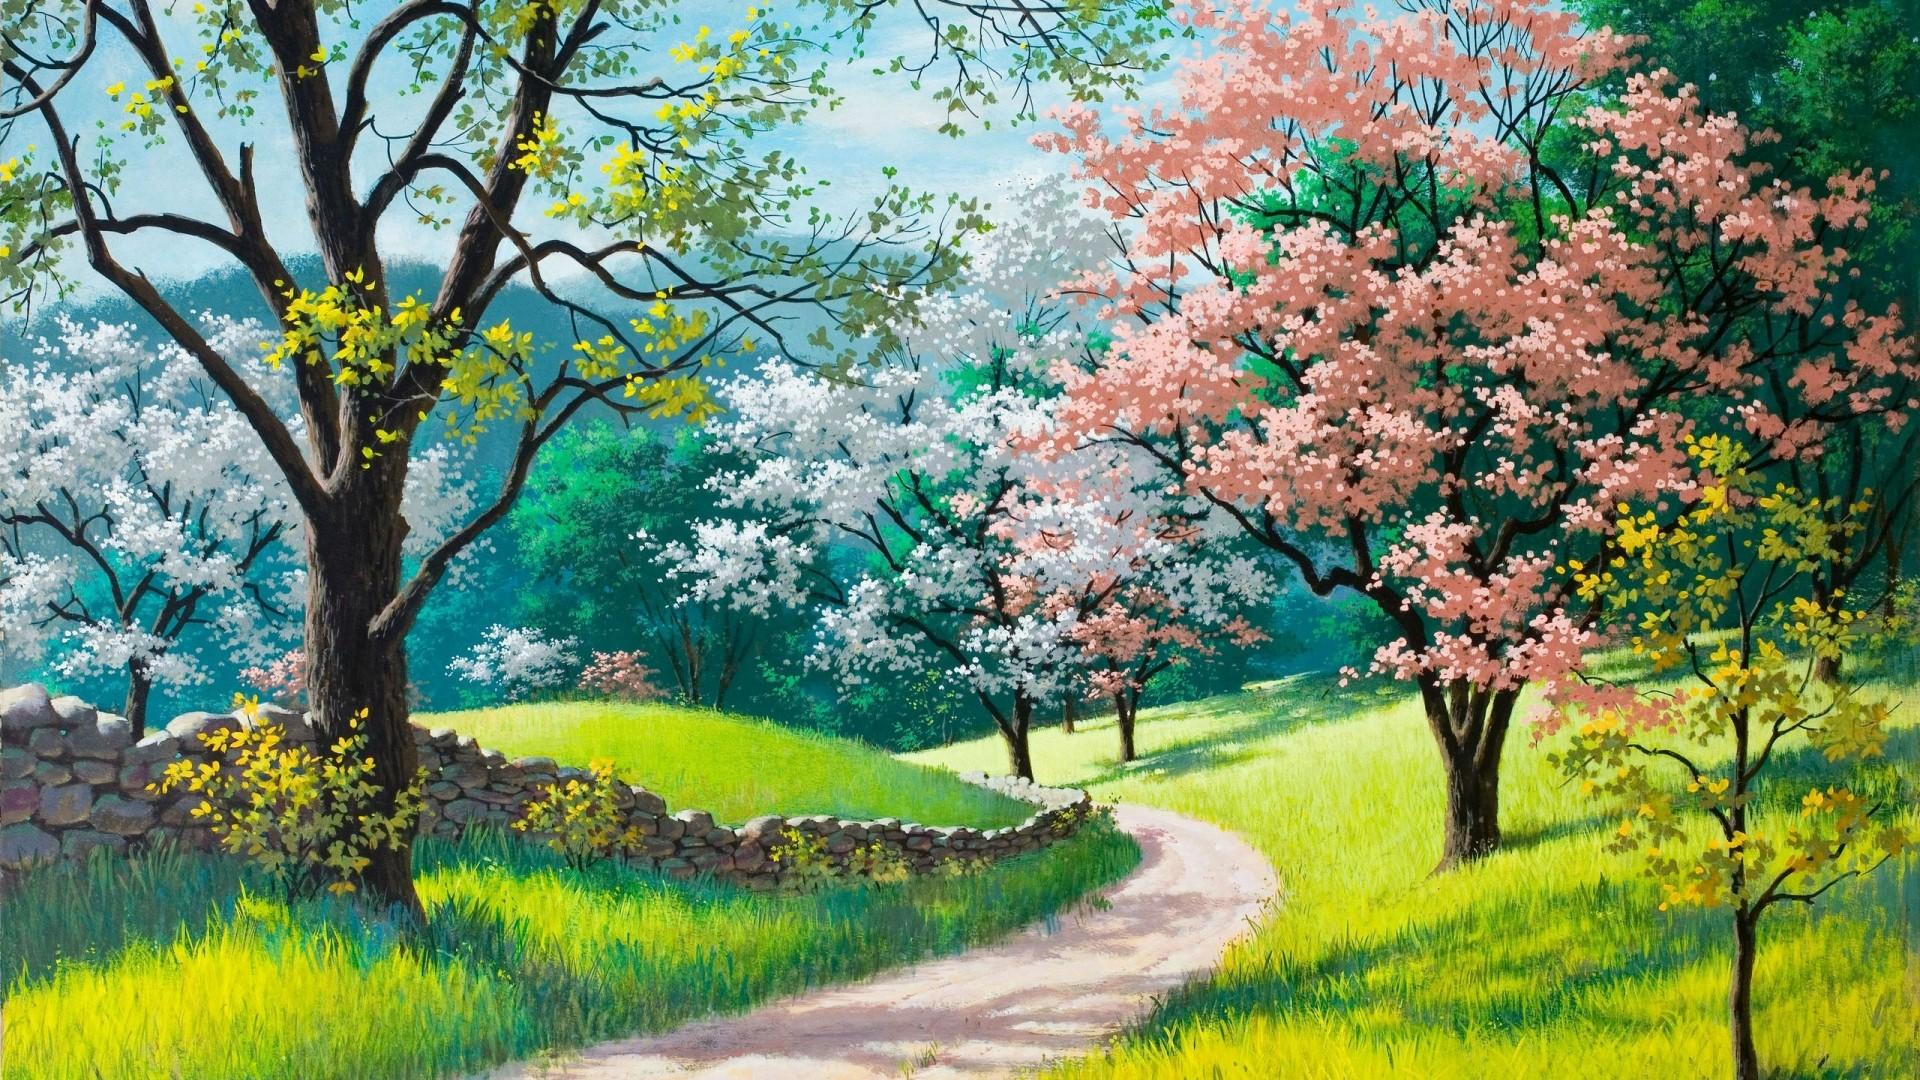 Spring Nature Desktop Wallpaper - Spring Beautiful Paintings Of Nature - HD Wallpaper